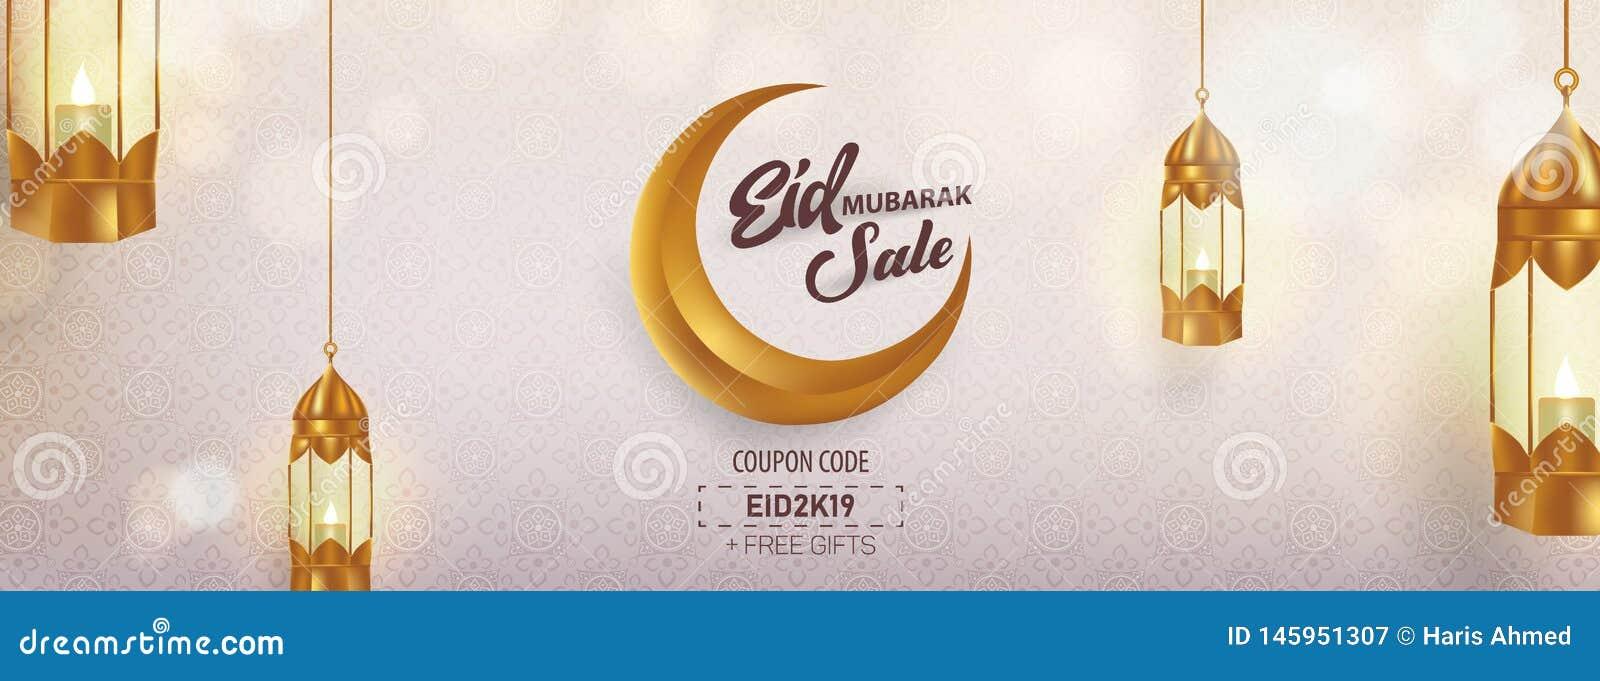 Diseño de la plantilla de Eid Mubarak Sale Advertising Banner Vector